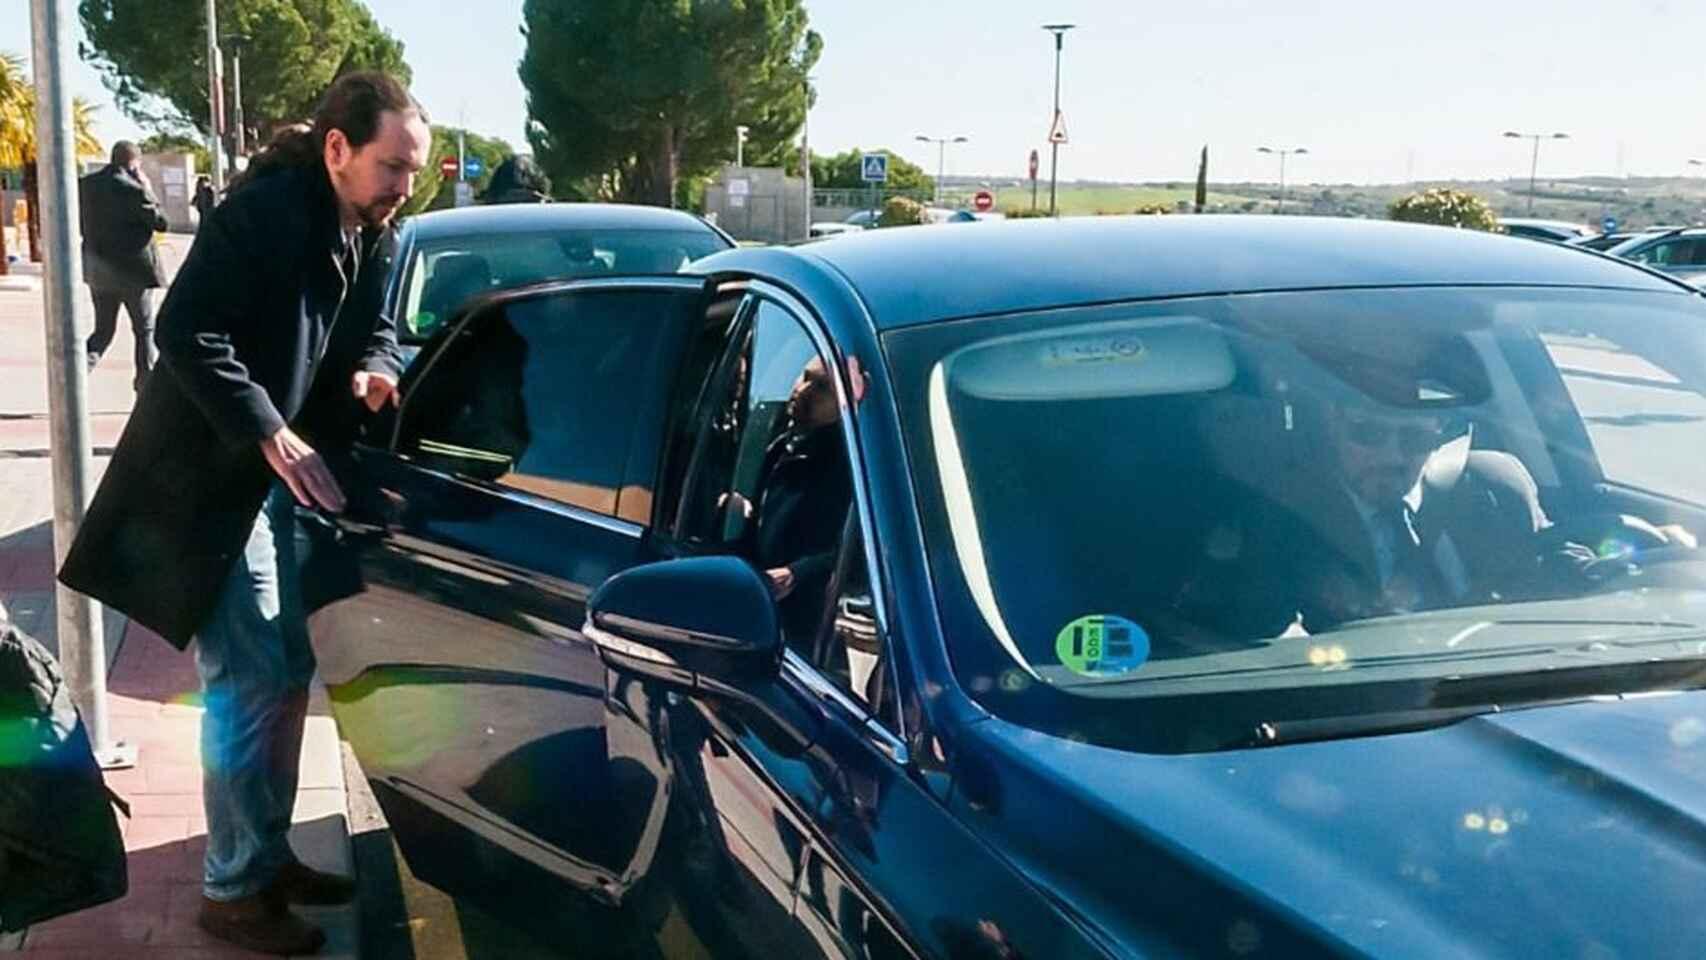 El gobierno prepara 100 millones de euros para reemplazar casi 6.000 coches oficiales 1